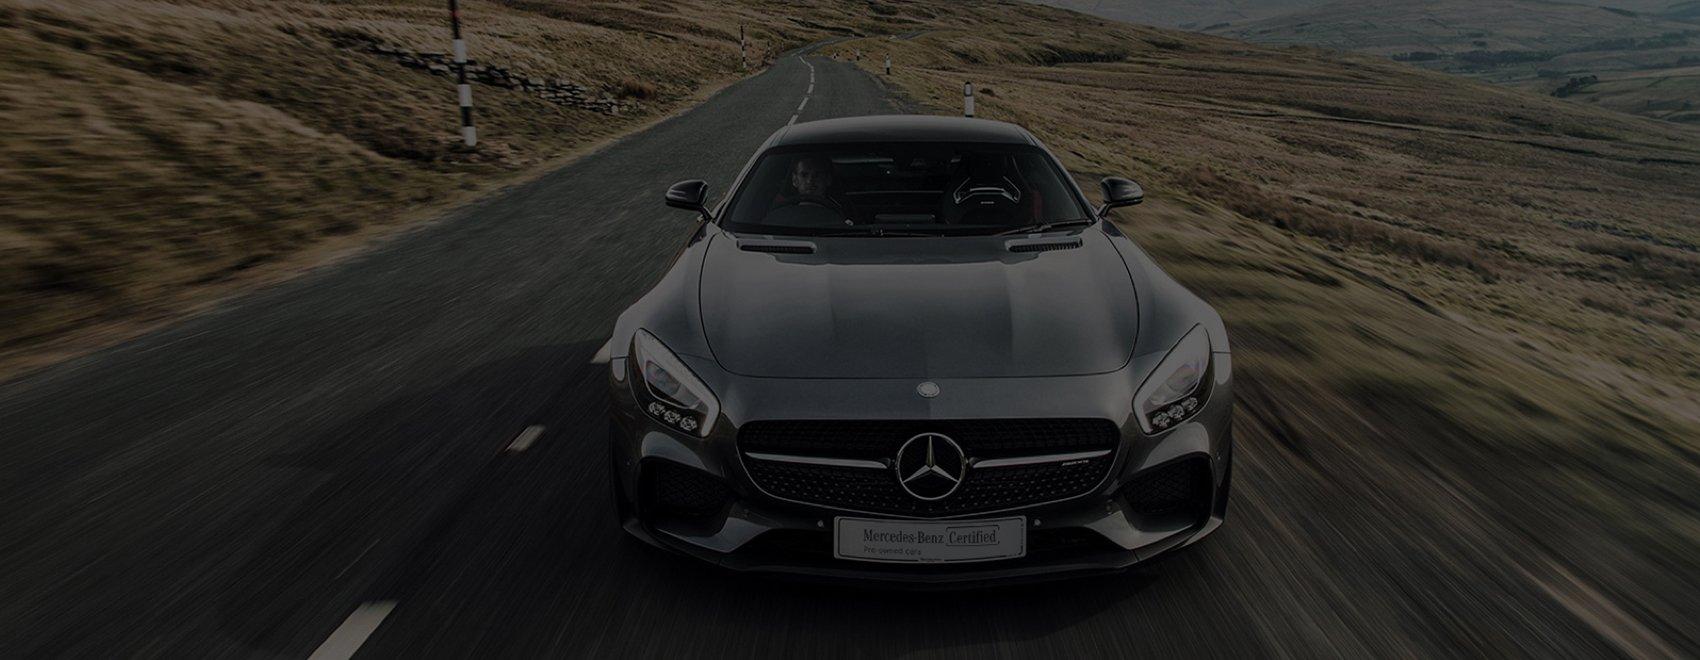 Brugte Mercedes-Benz